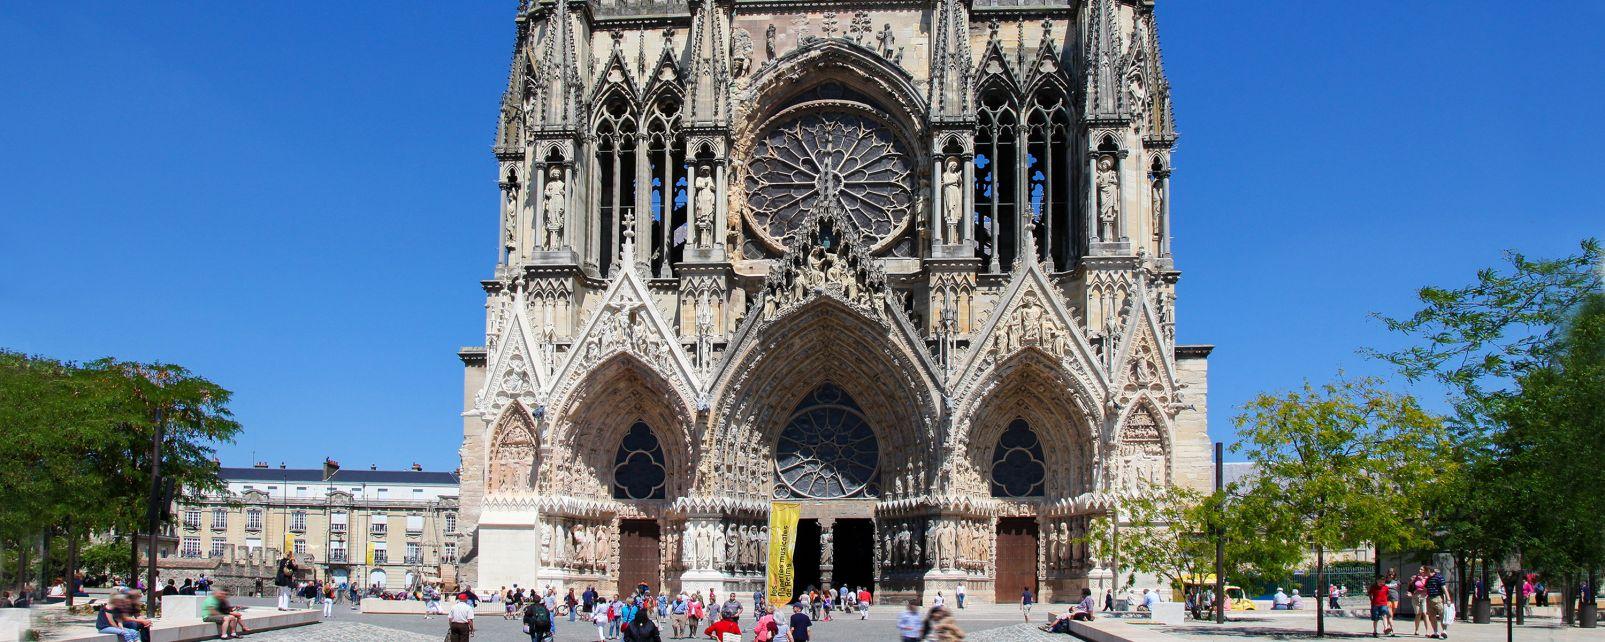 Cathédrale Notre Dame de Reims, Les monuments, Champagne-Ardenne